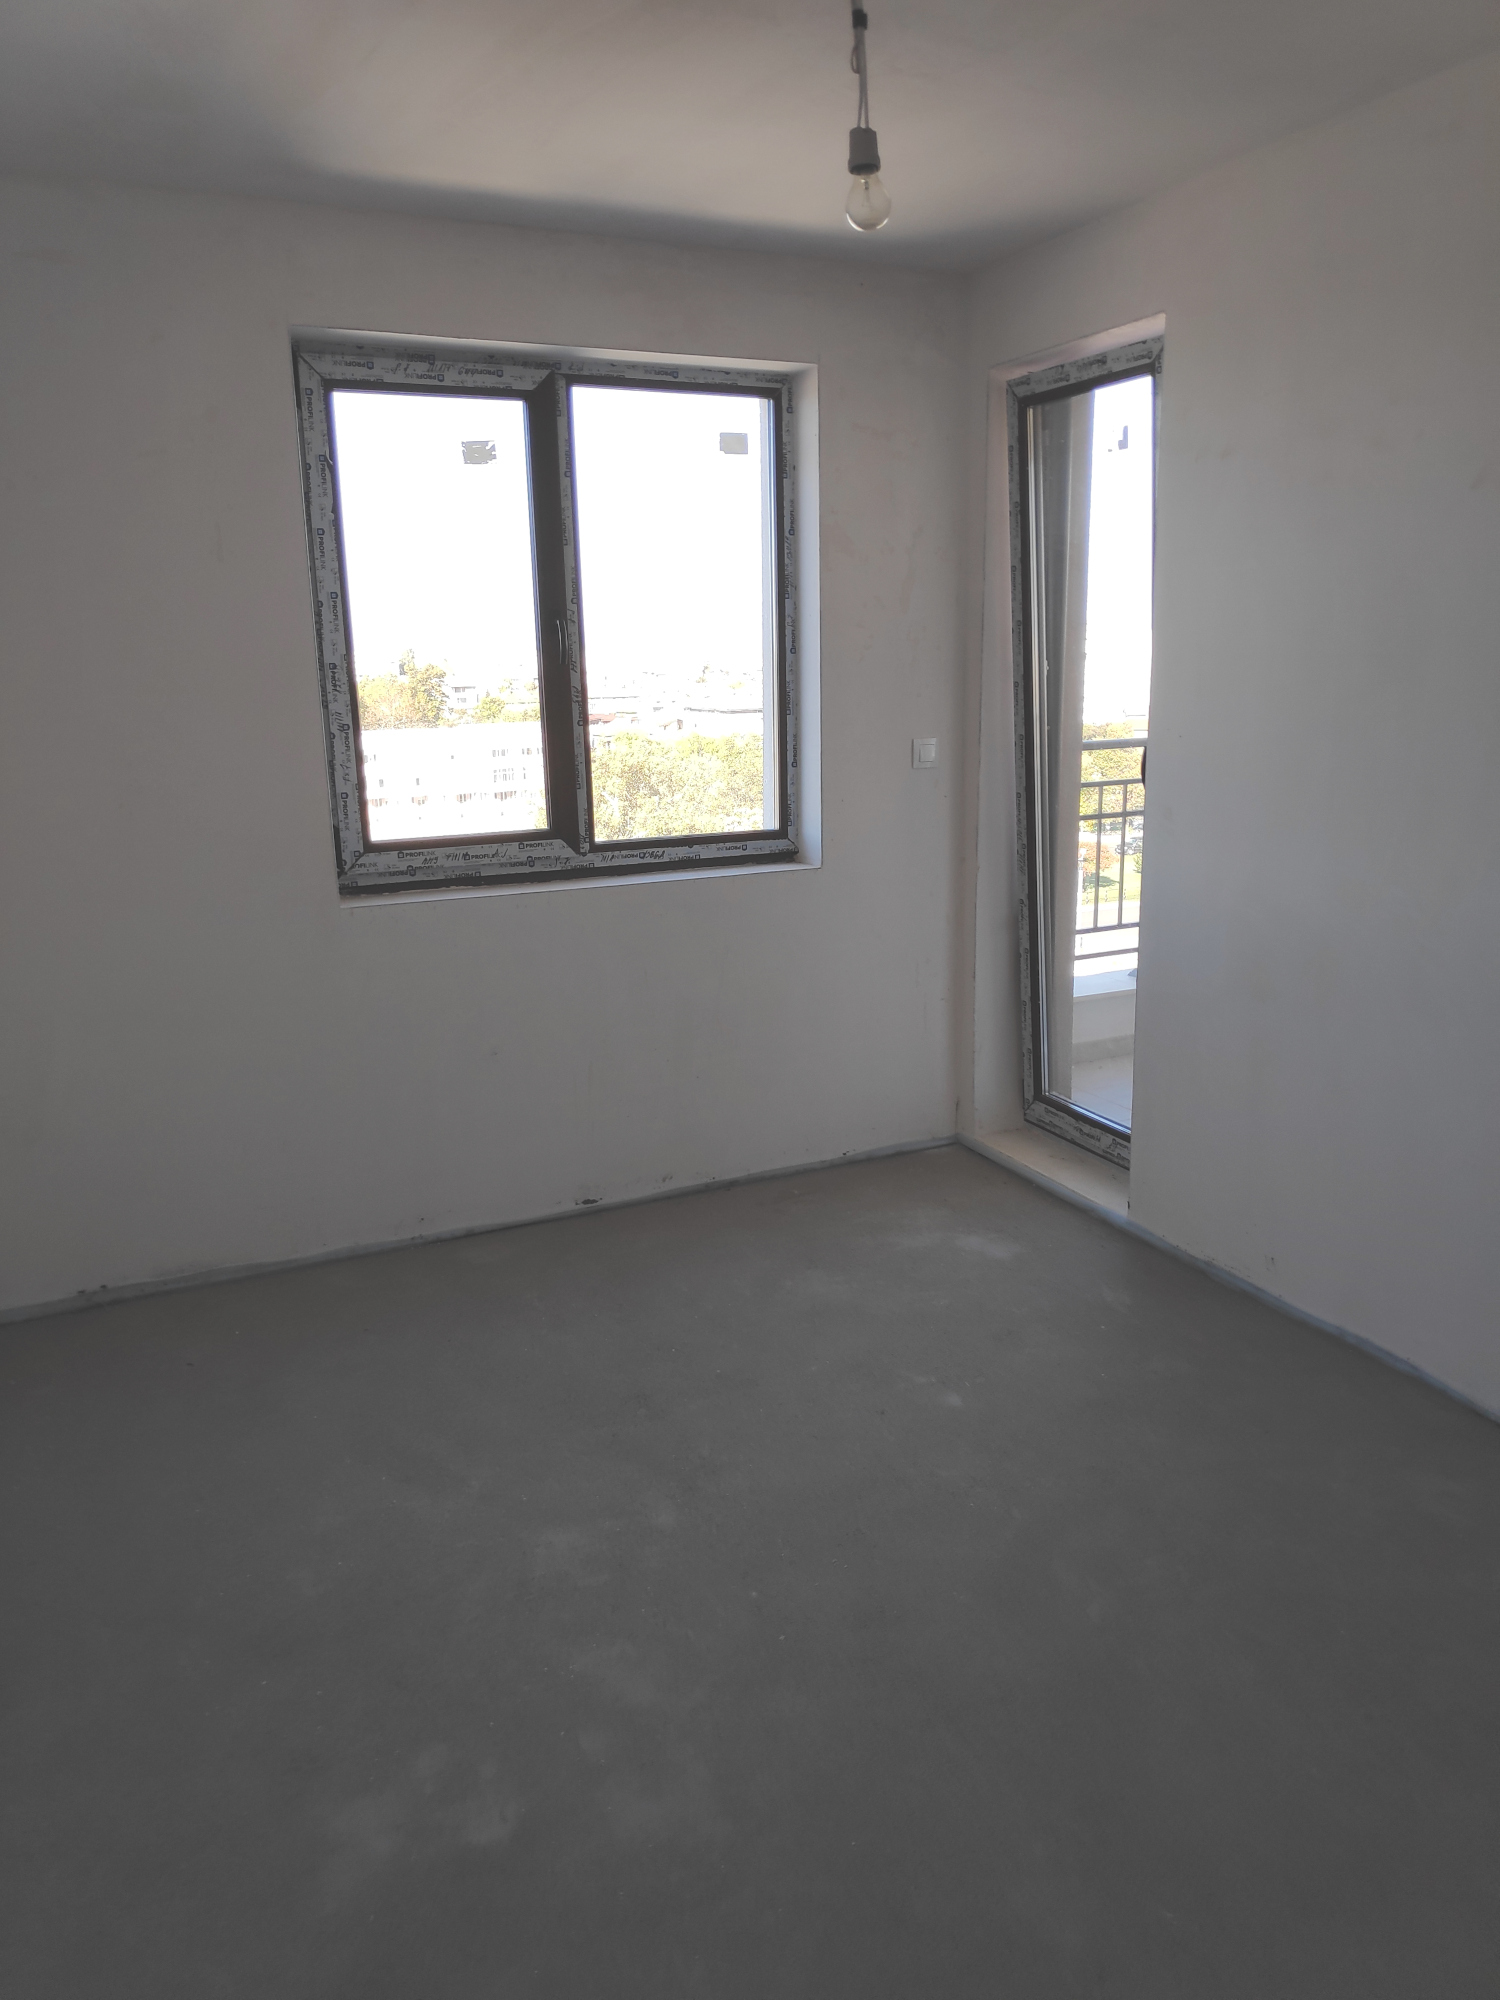 Ново тристайно жилище 97 кв.м. до маг. Метро, кв. Тракия